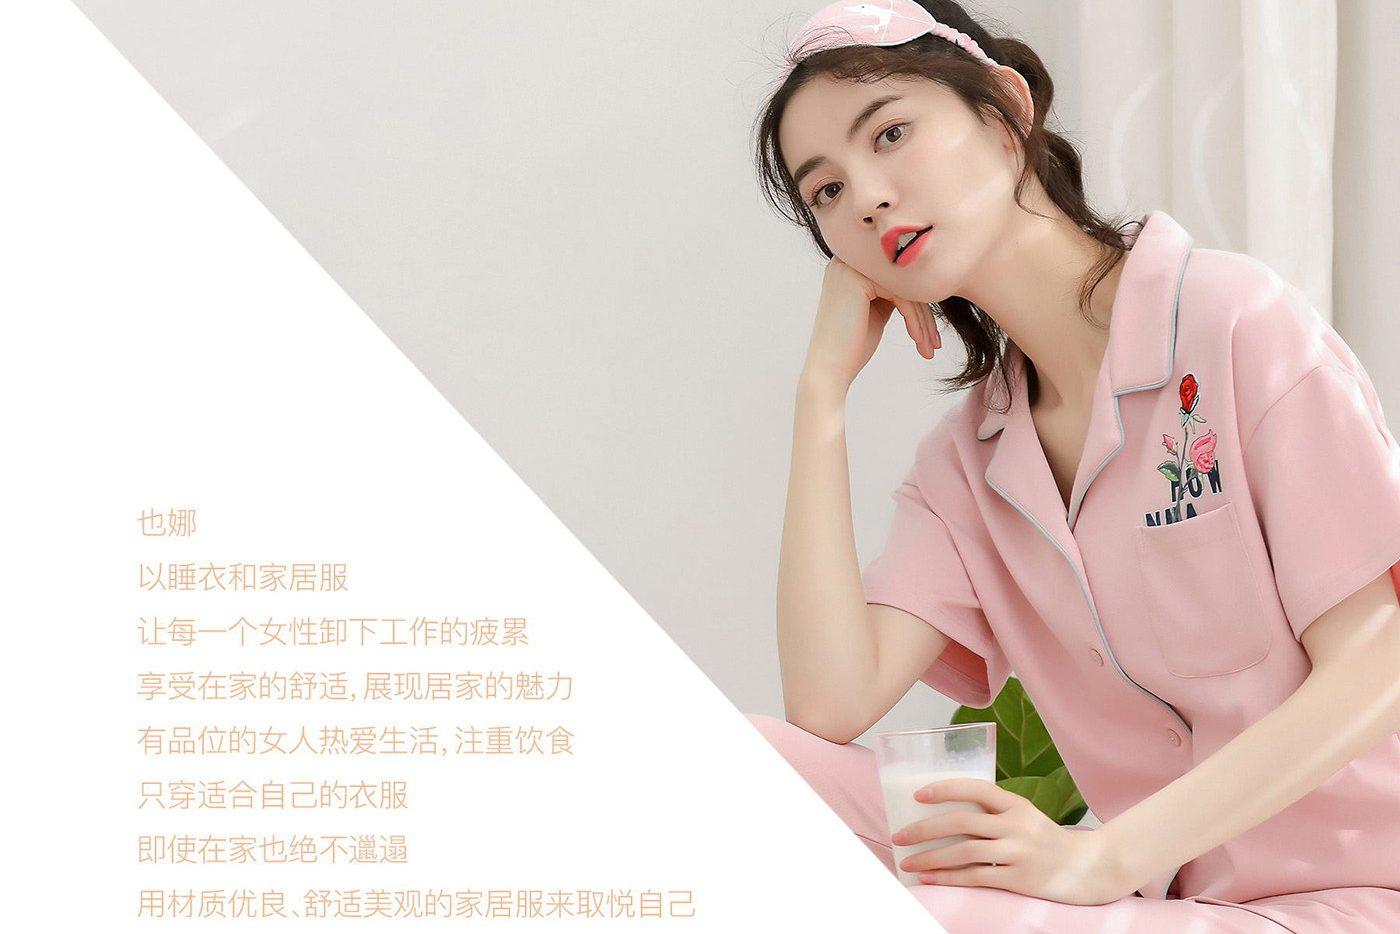 小李白品牌策划设计案例,蓝之旺高端定制服装品牌